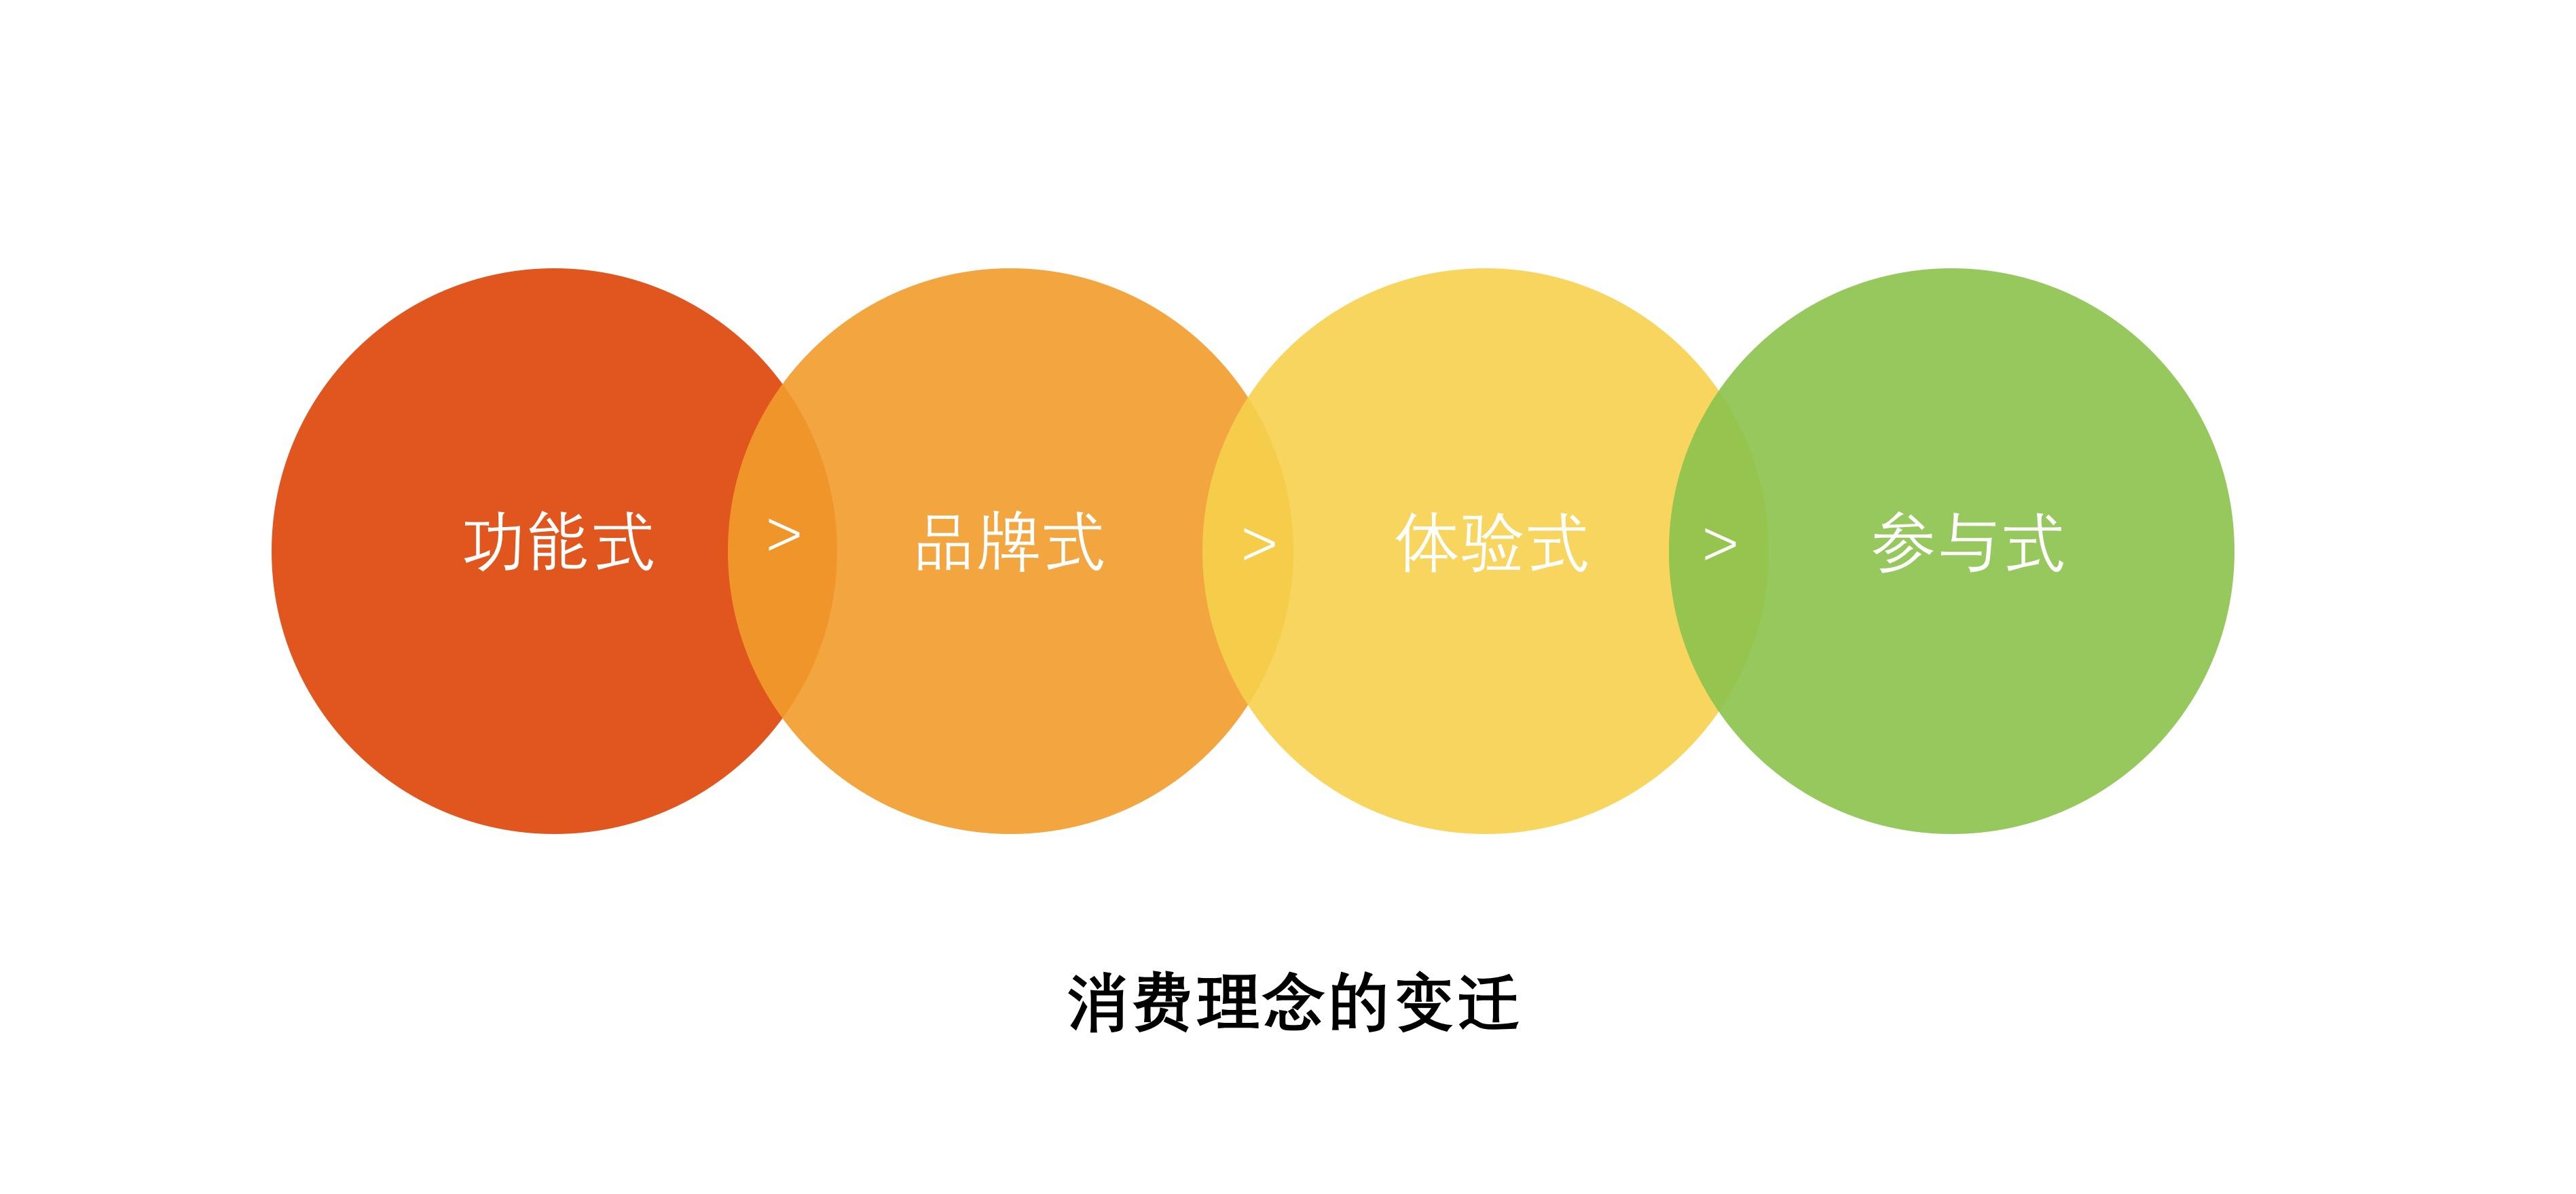 图片:源自《参与感:小米口碑营销的内部手册》